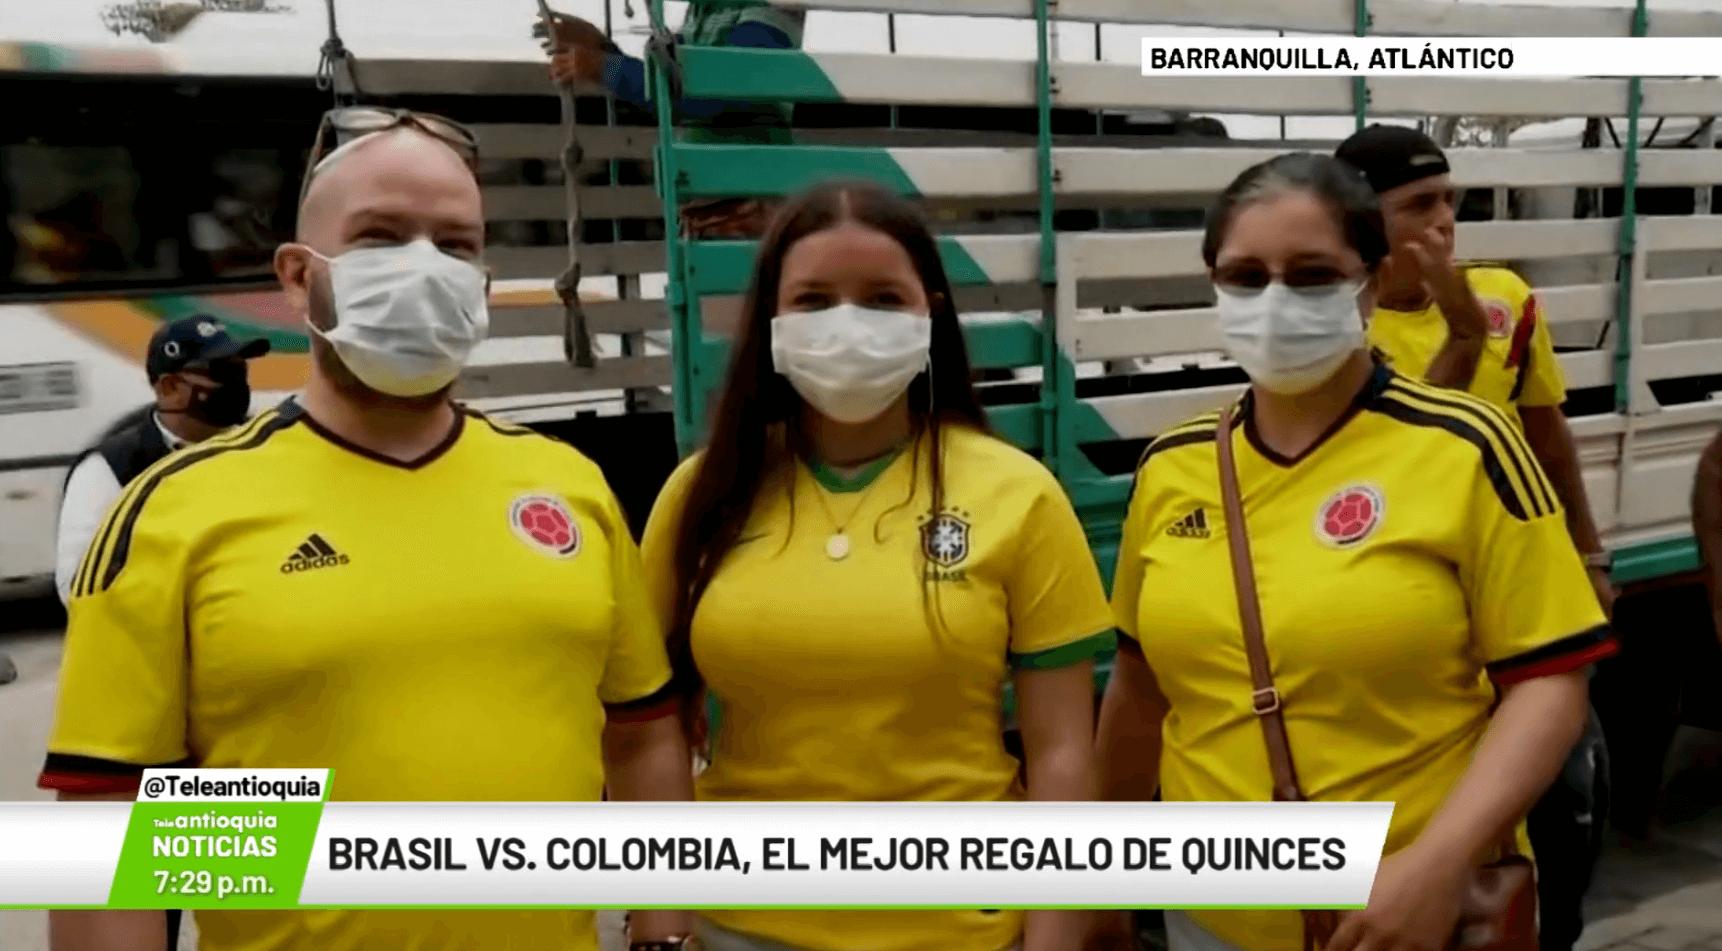 Brasil vs. Colombia, el mejor regalo de quinces